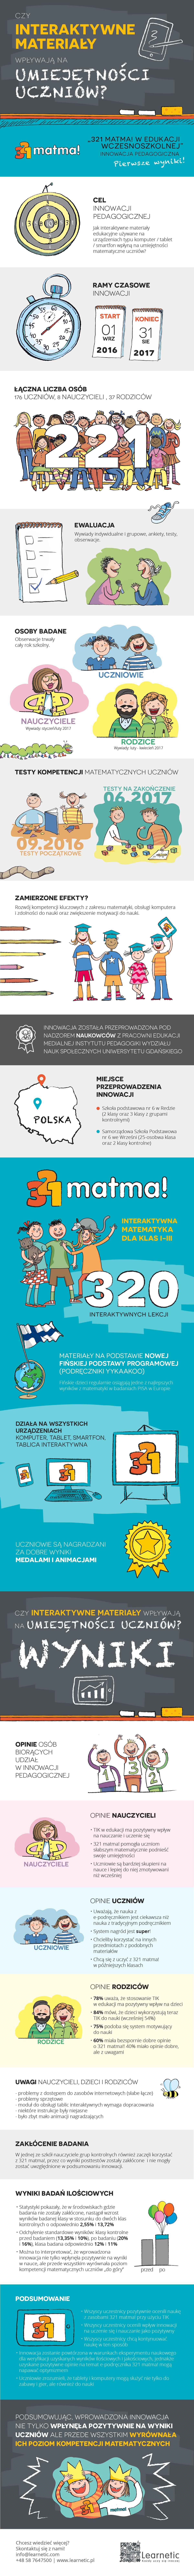 321matma! - Infografika